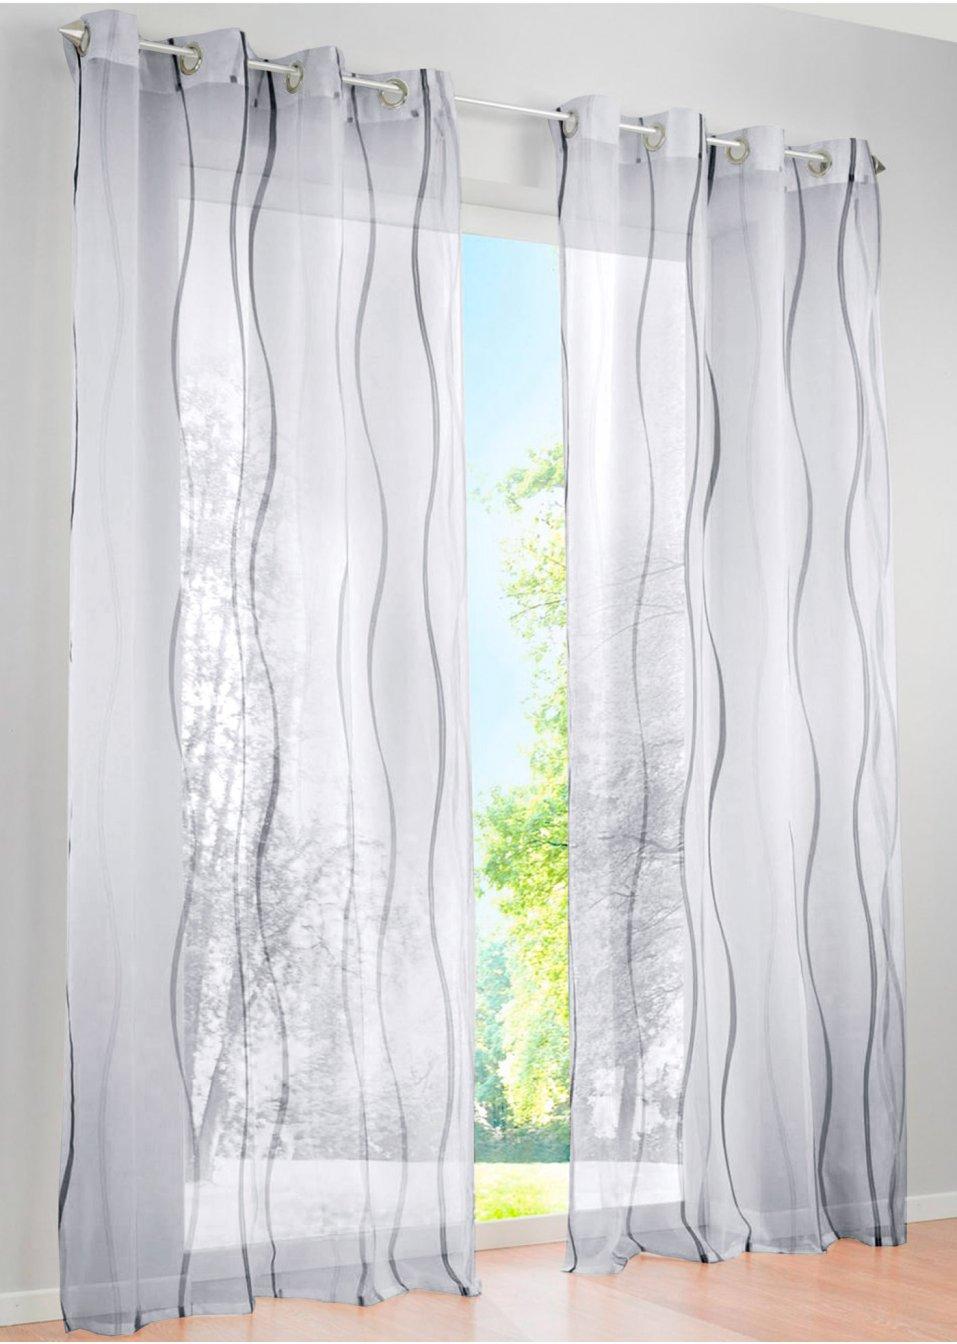 luftig leichte gardine vienna in transparenter optik wei silber sen 1er pack. Black Bedroom Furniture Sets. Home Design Ideas